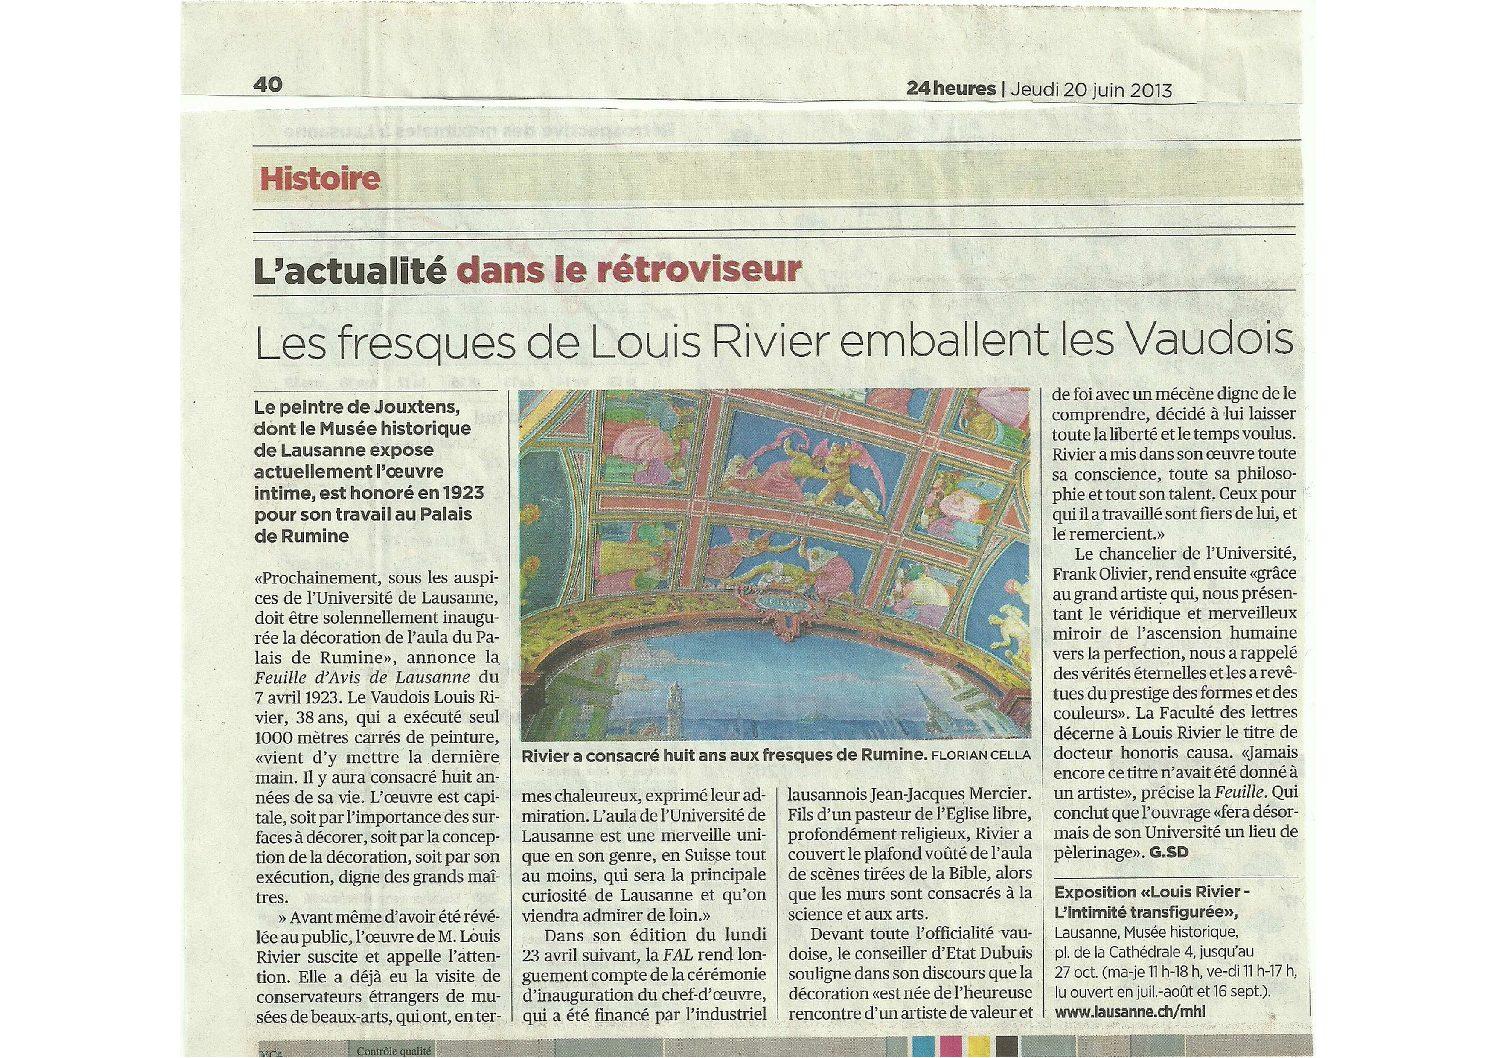 Article - 24Heures, 14juillet 2016 : St-Jean de Cour